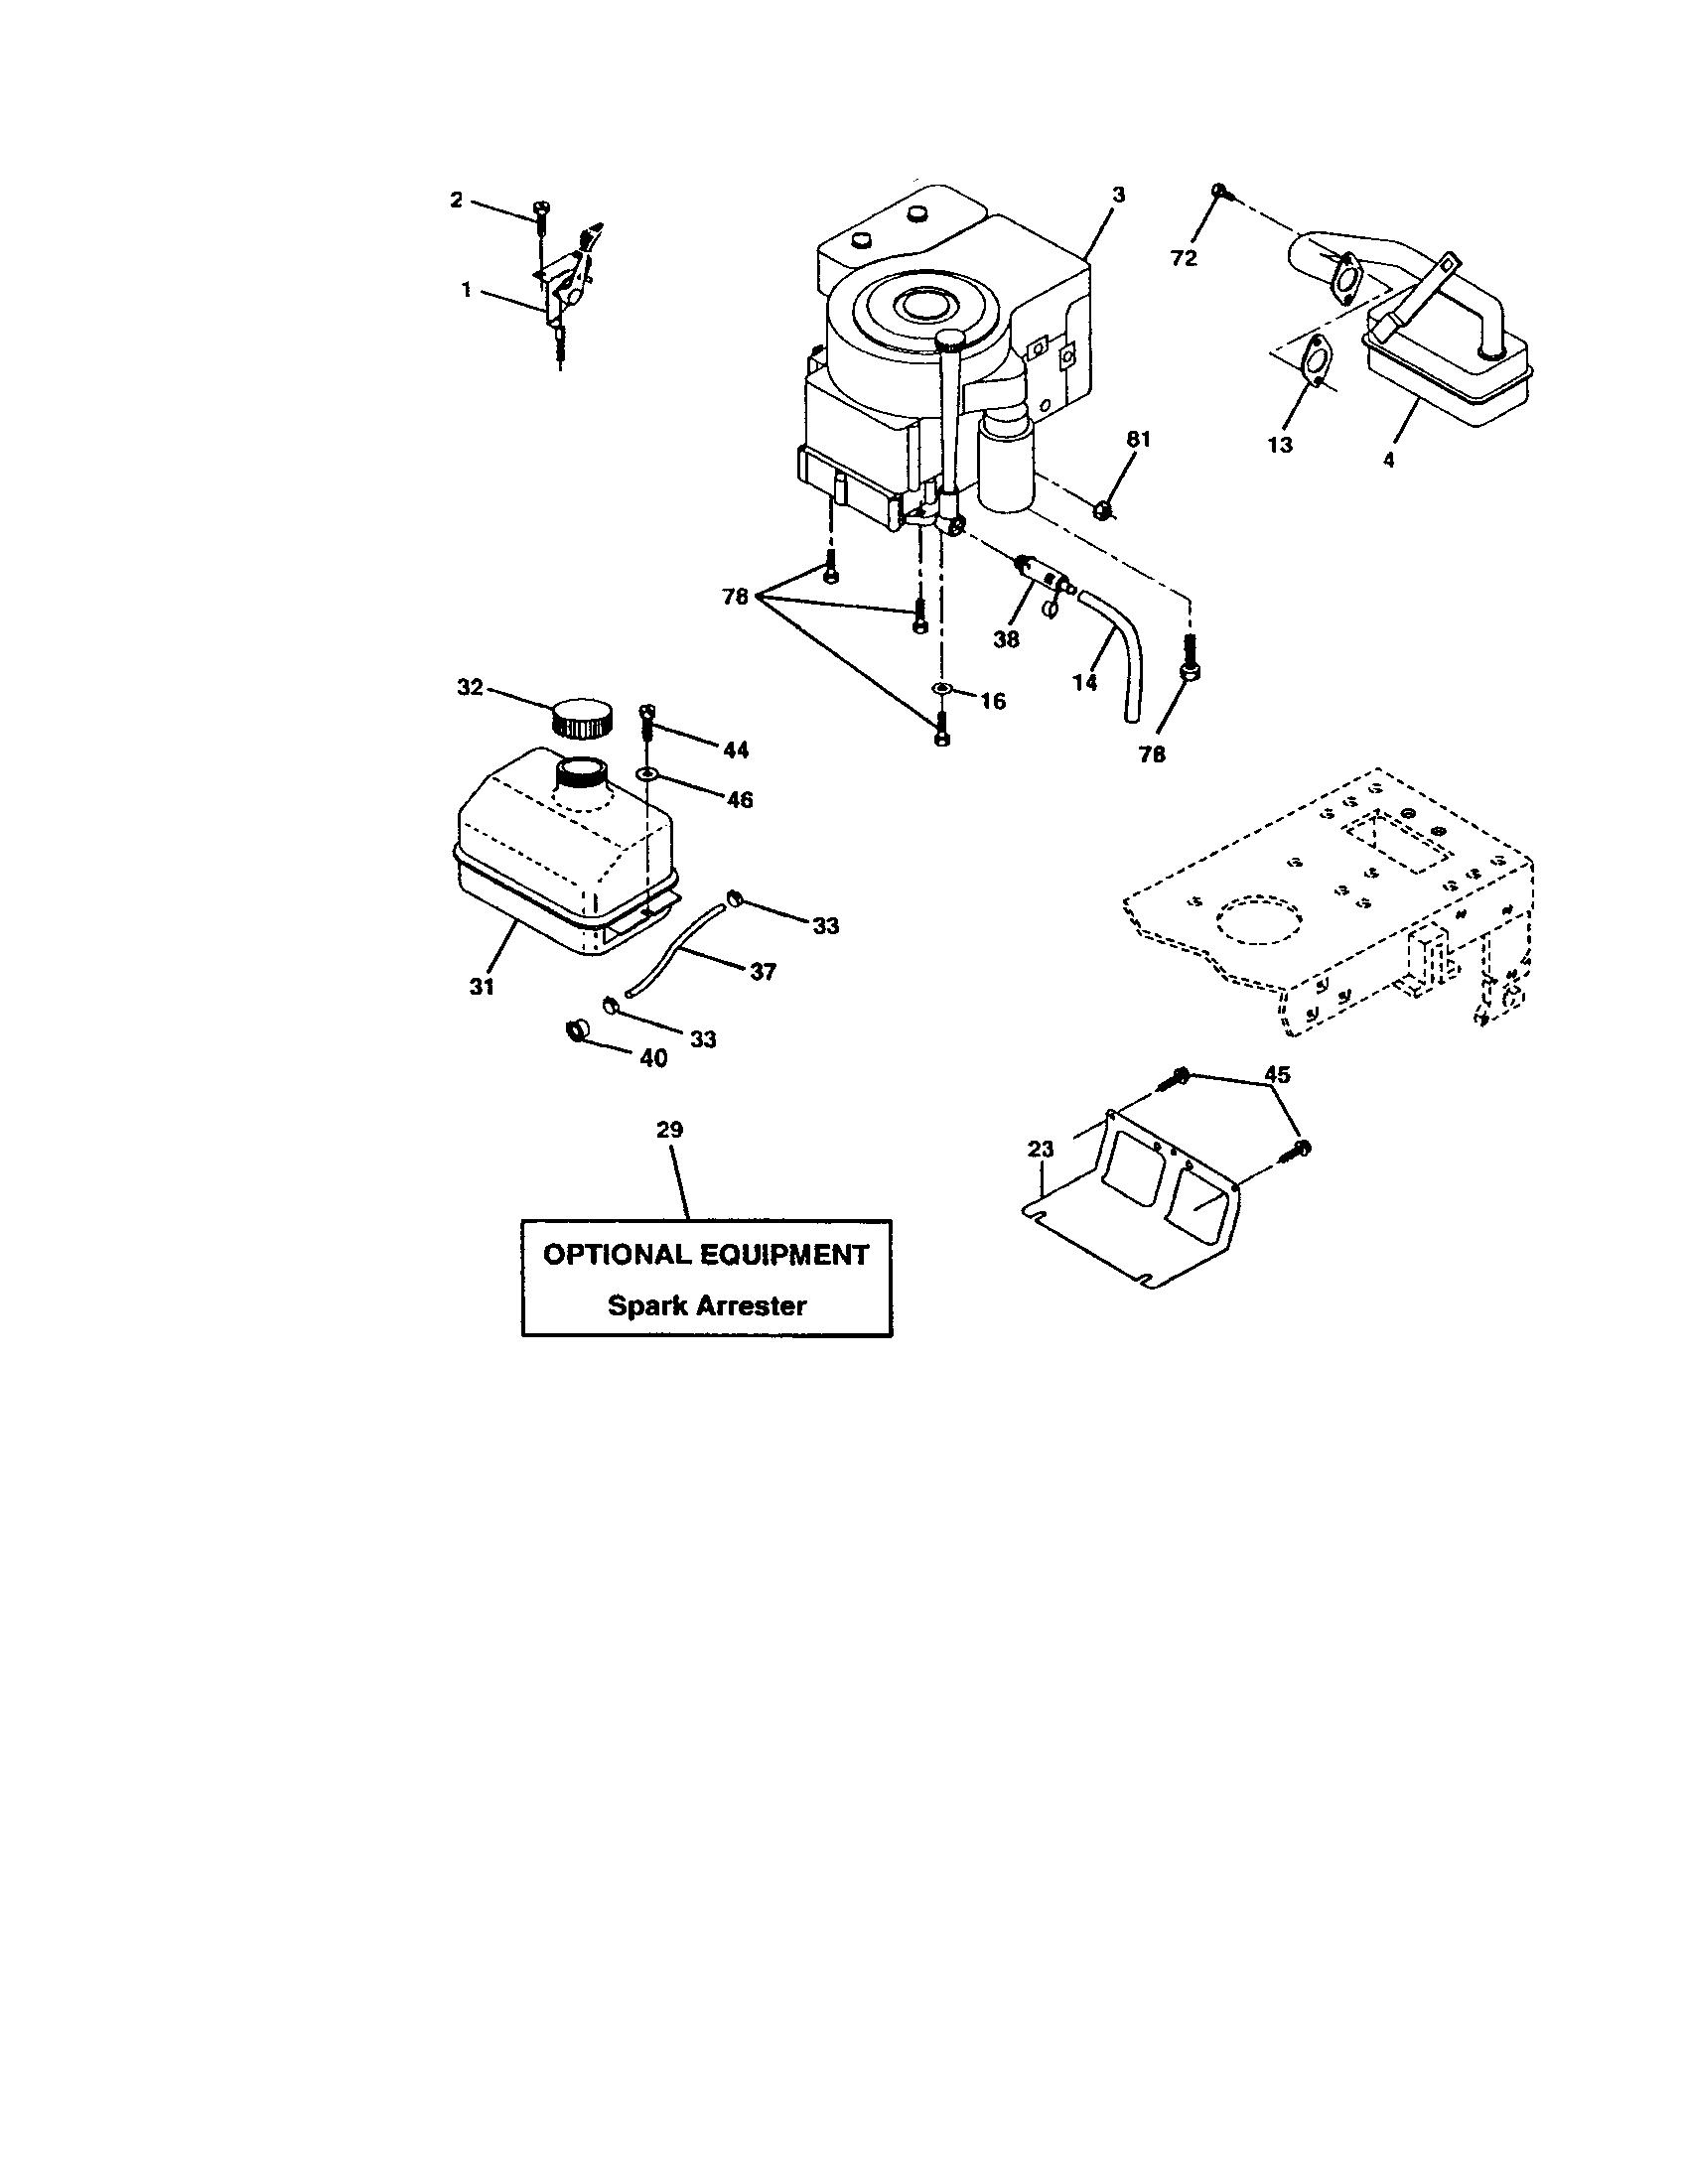 Craftsman model 917272673 lawn, tractor genuine parts